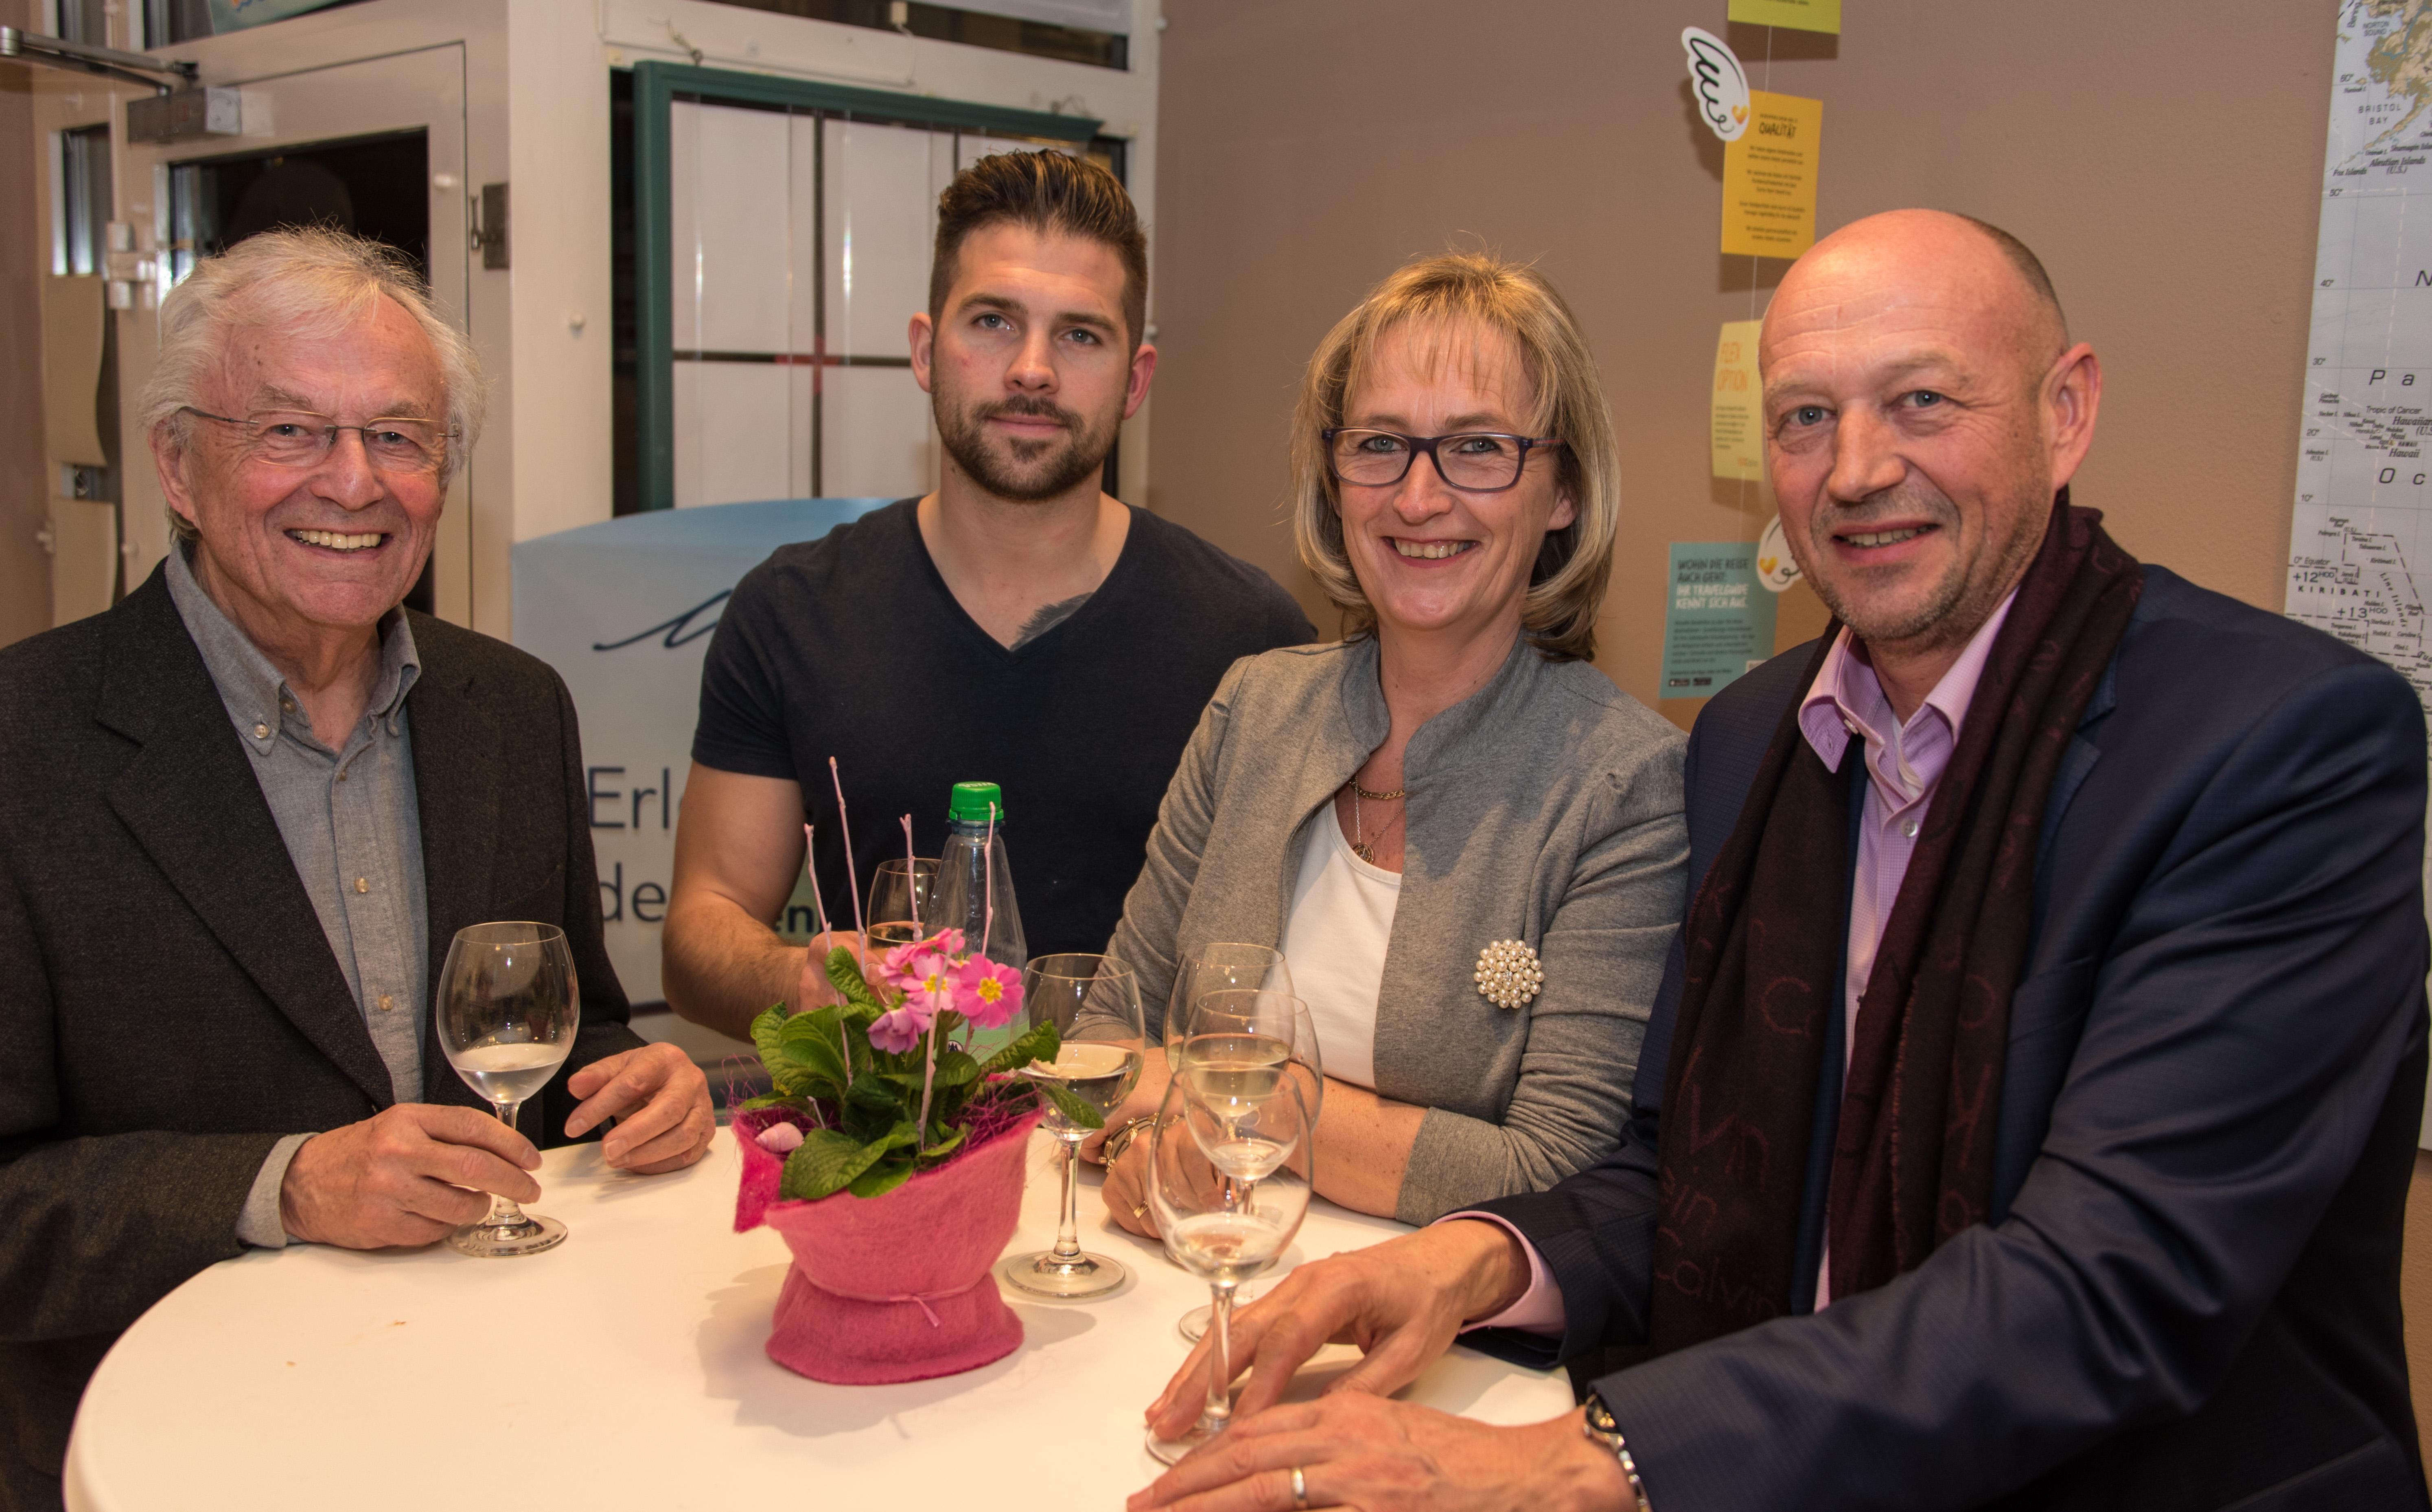 Rolf Range, Marco Klingenberg -Gast-, Gaby Keller, Rolf Gehle